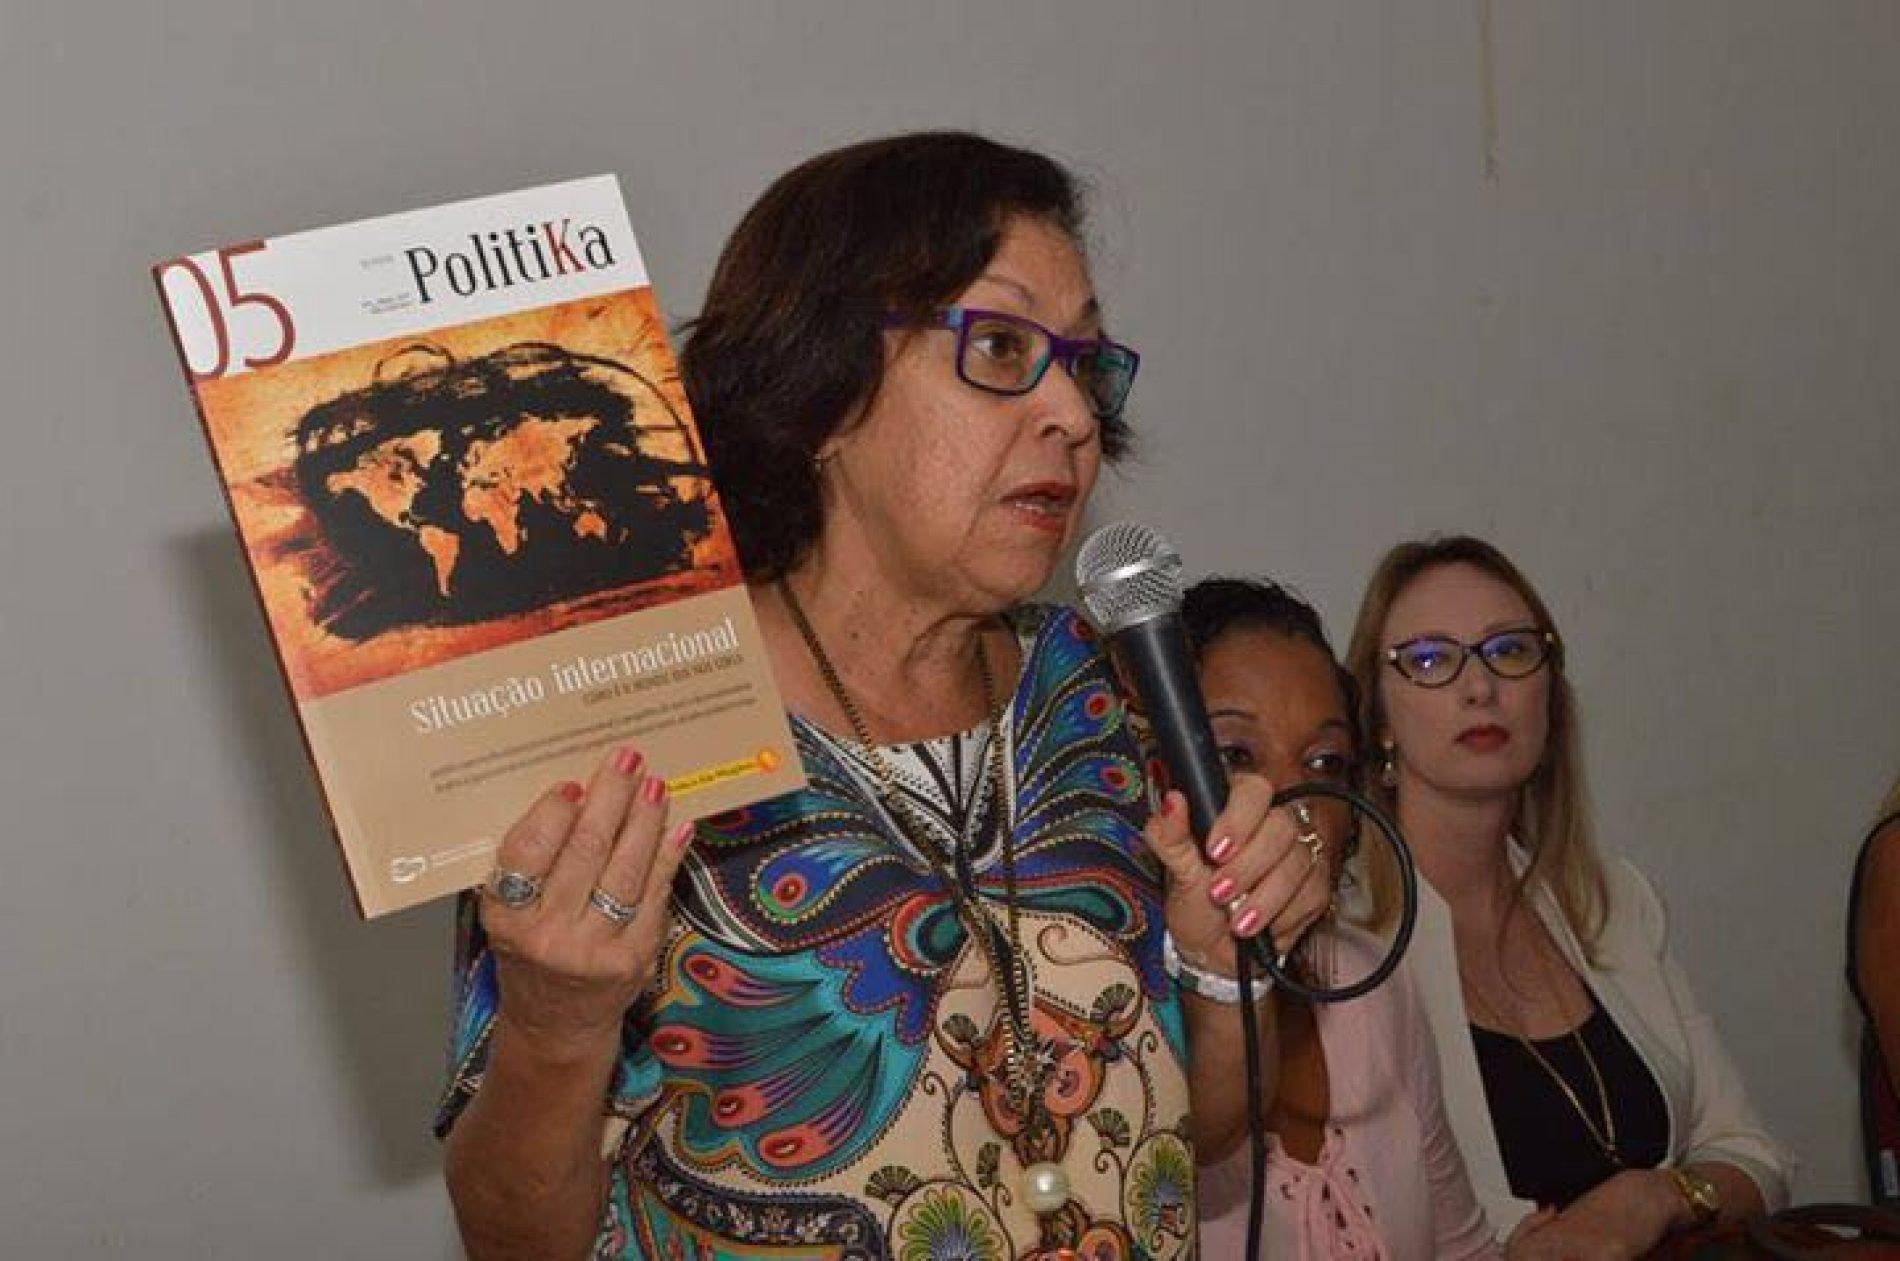 Lídice participa de fórum sobre combate à exploração sexual infantil em São Paulo